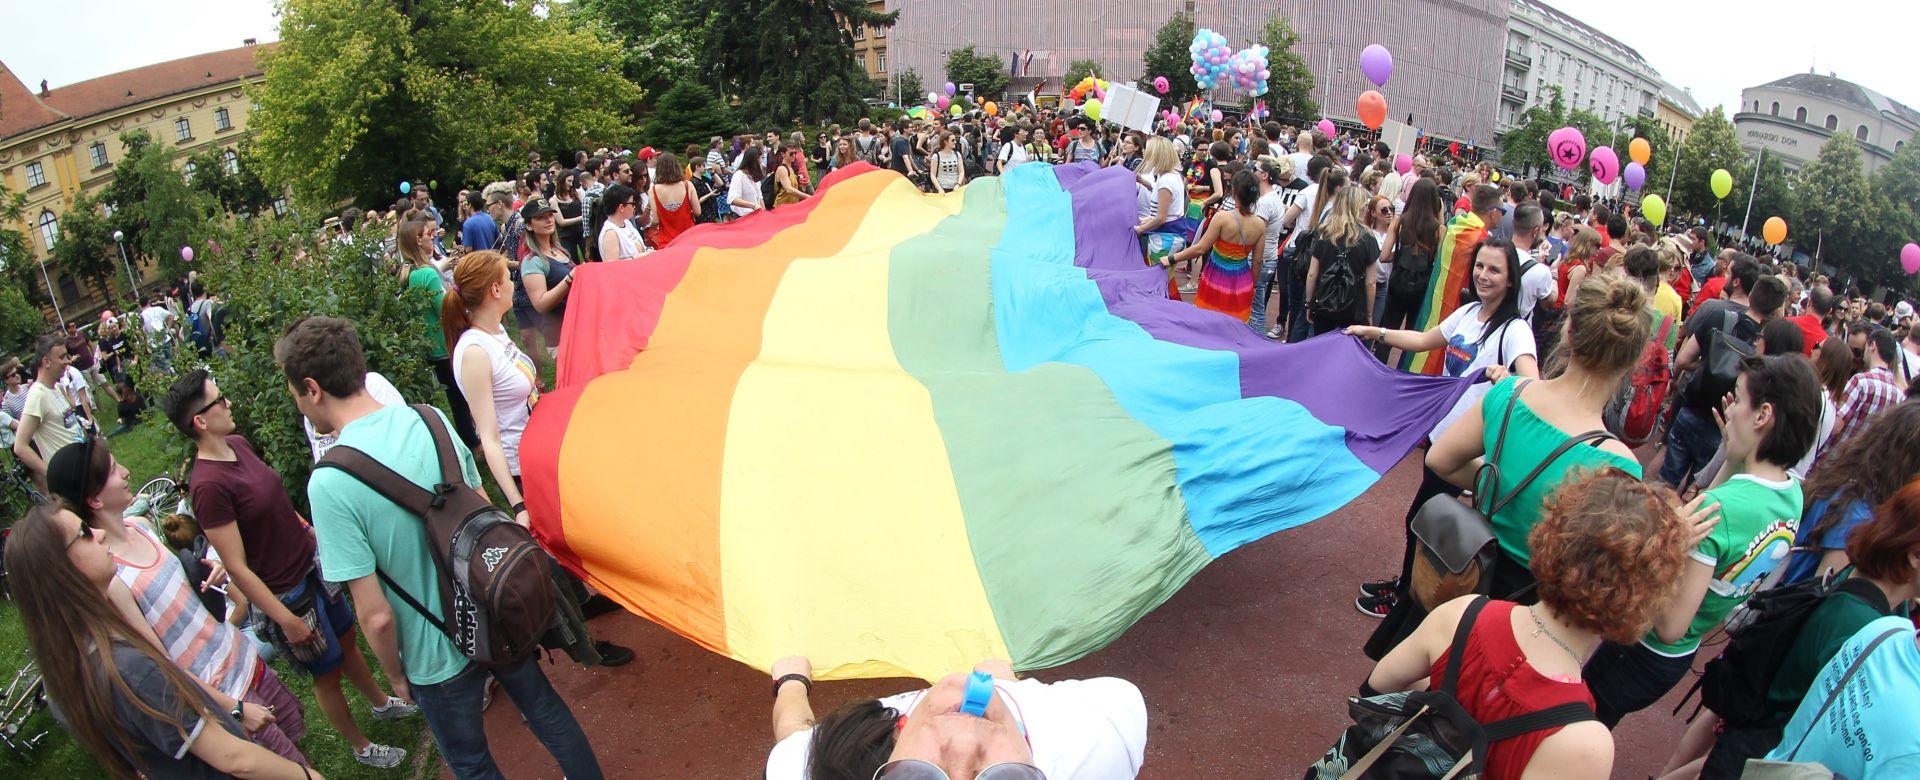 Zagreb Pride sutra organizira mirni prosvjed na Trgu žrtava fašizma: 'Ljubav jest i ostaje jača od mržnje'